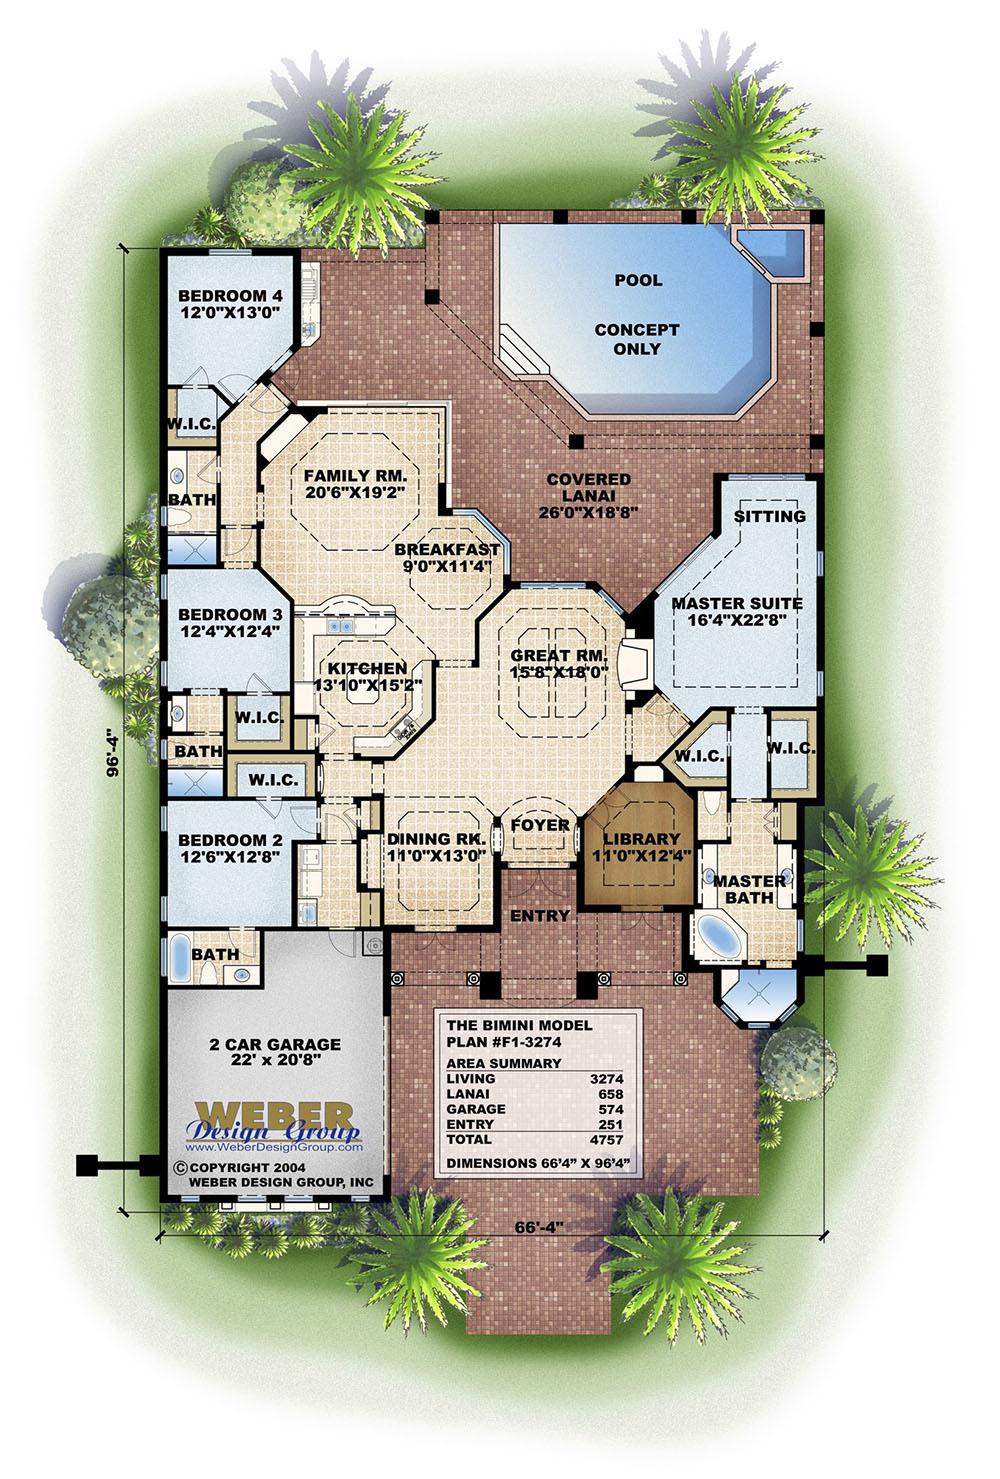 Bimini house plan weber design group for Weber design group